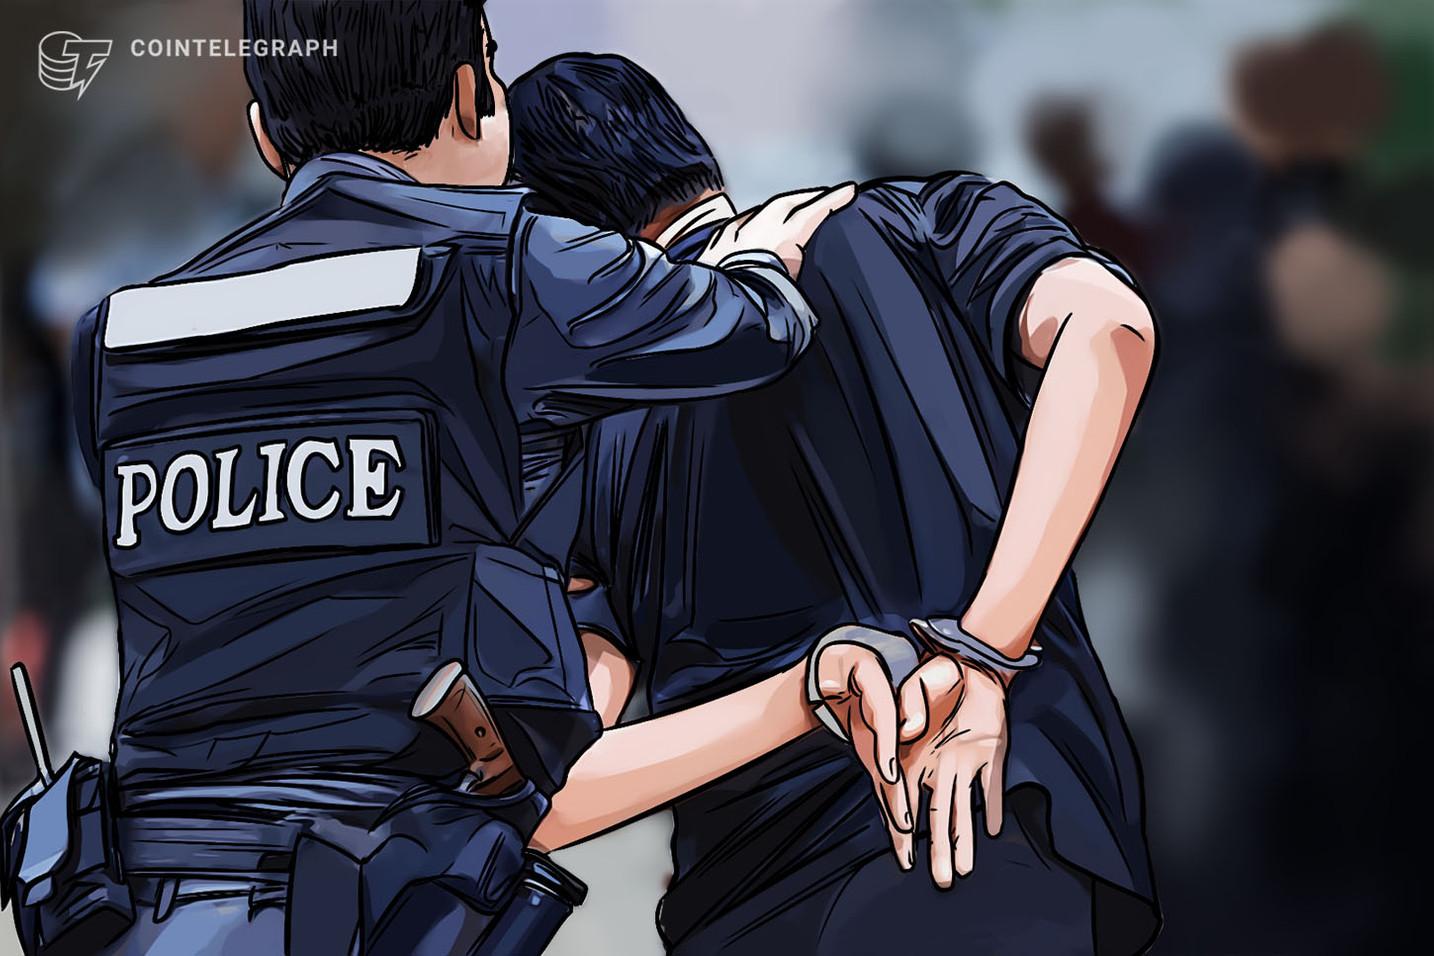 Niederlande: Polizei verhaftet CEO einer Kryptofirma wegen Millionenbetrug